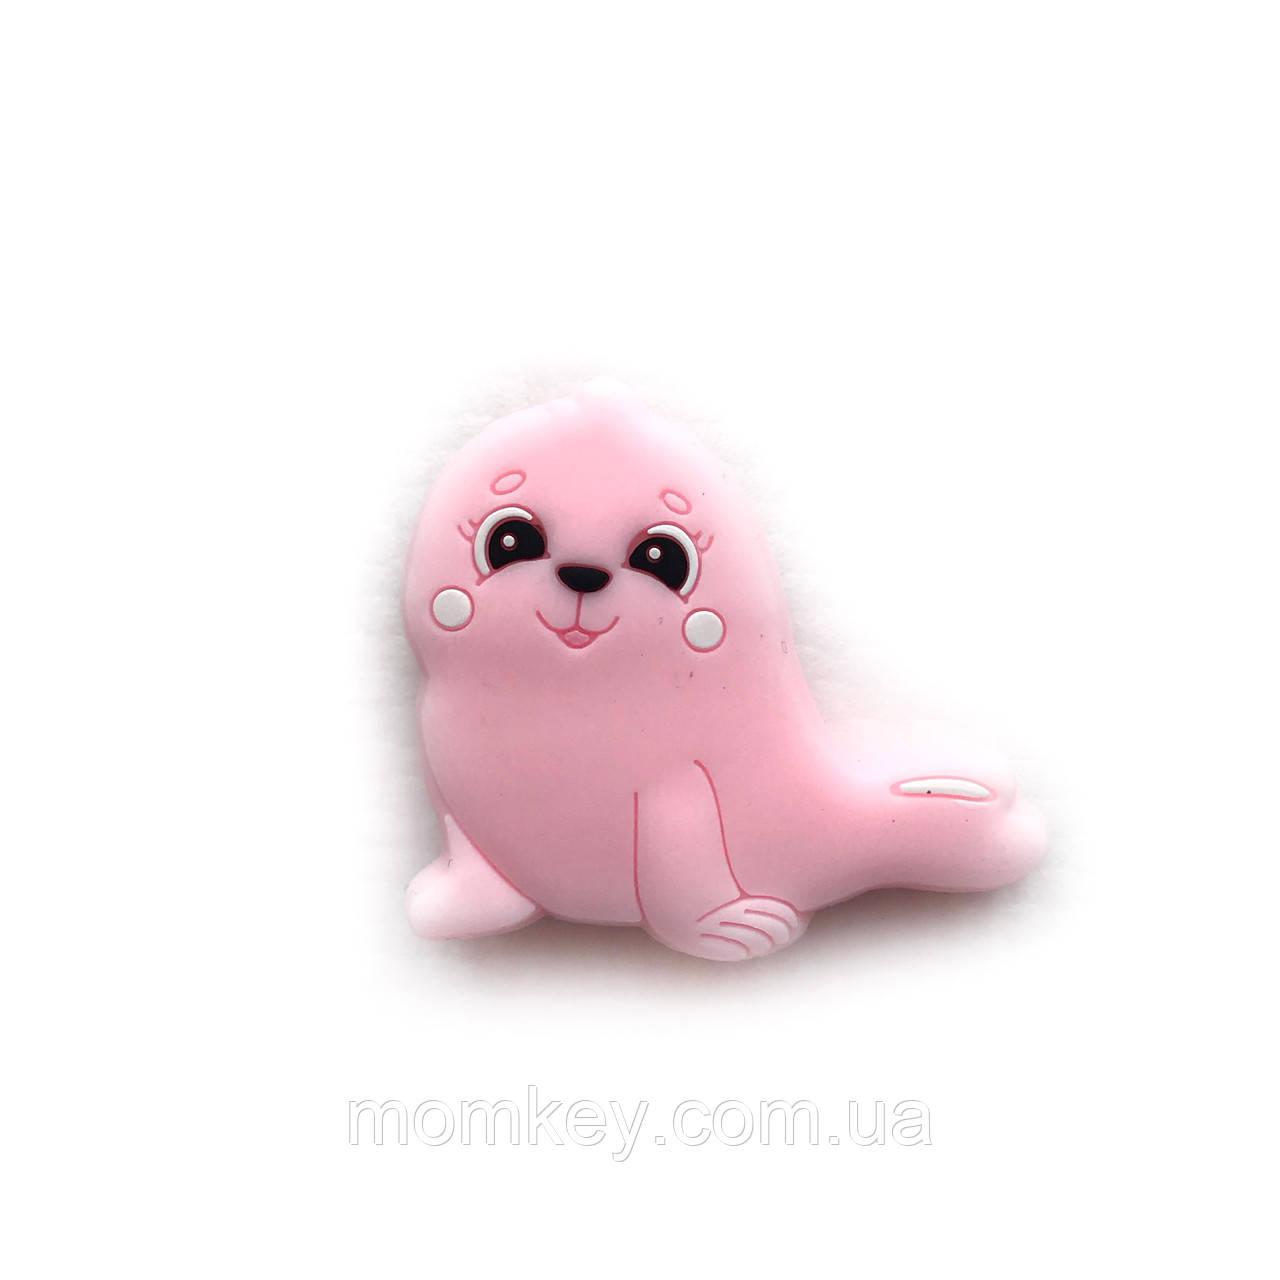 Міні тюлень (рожевий кварц)